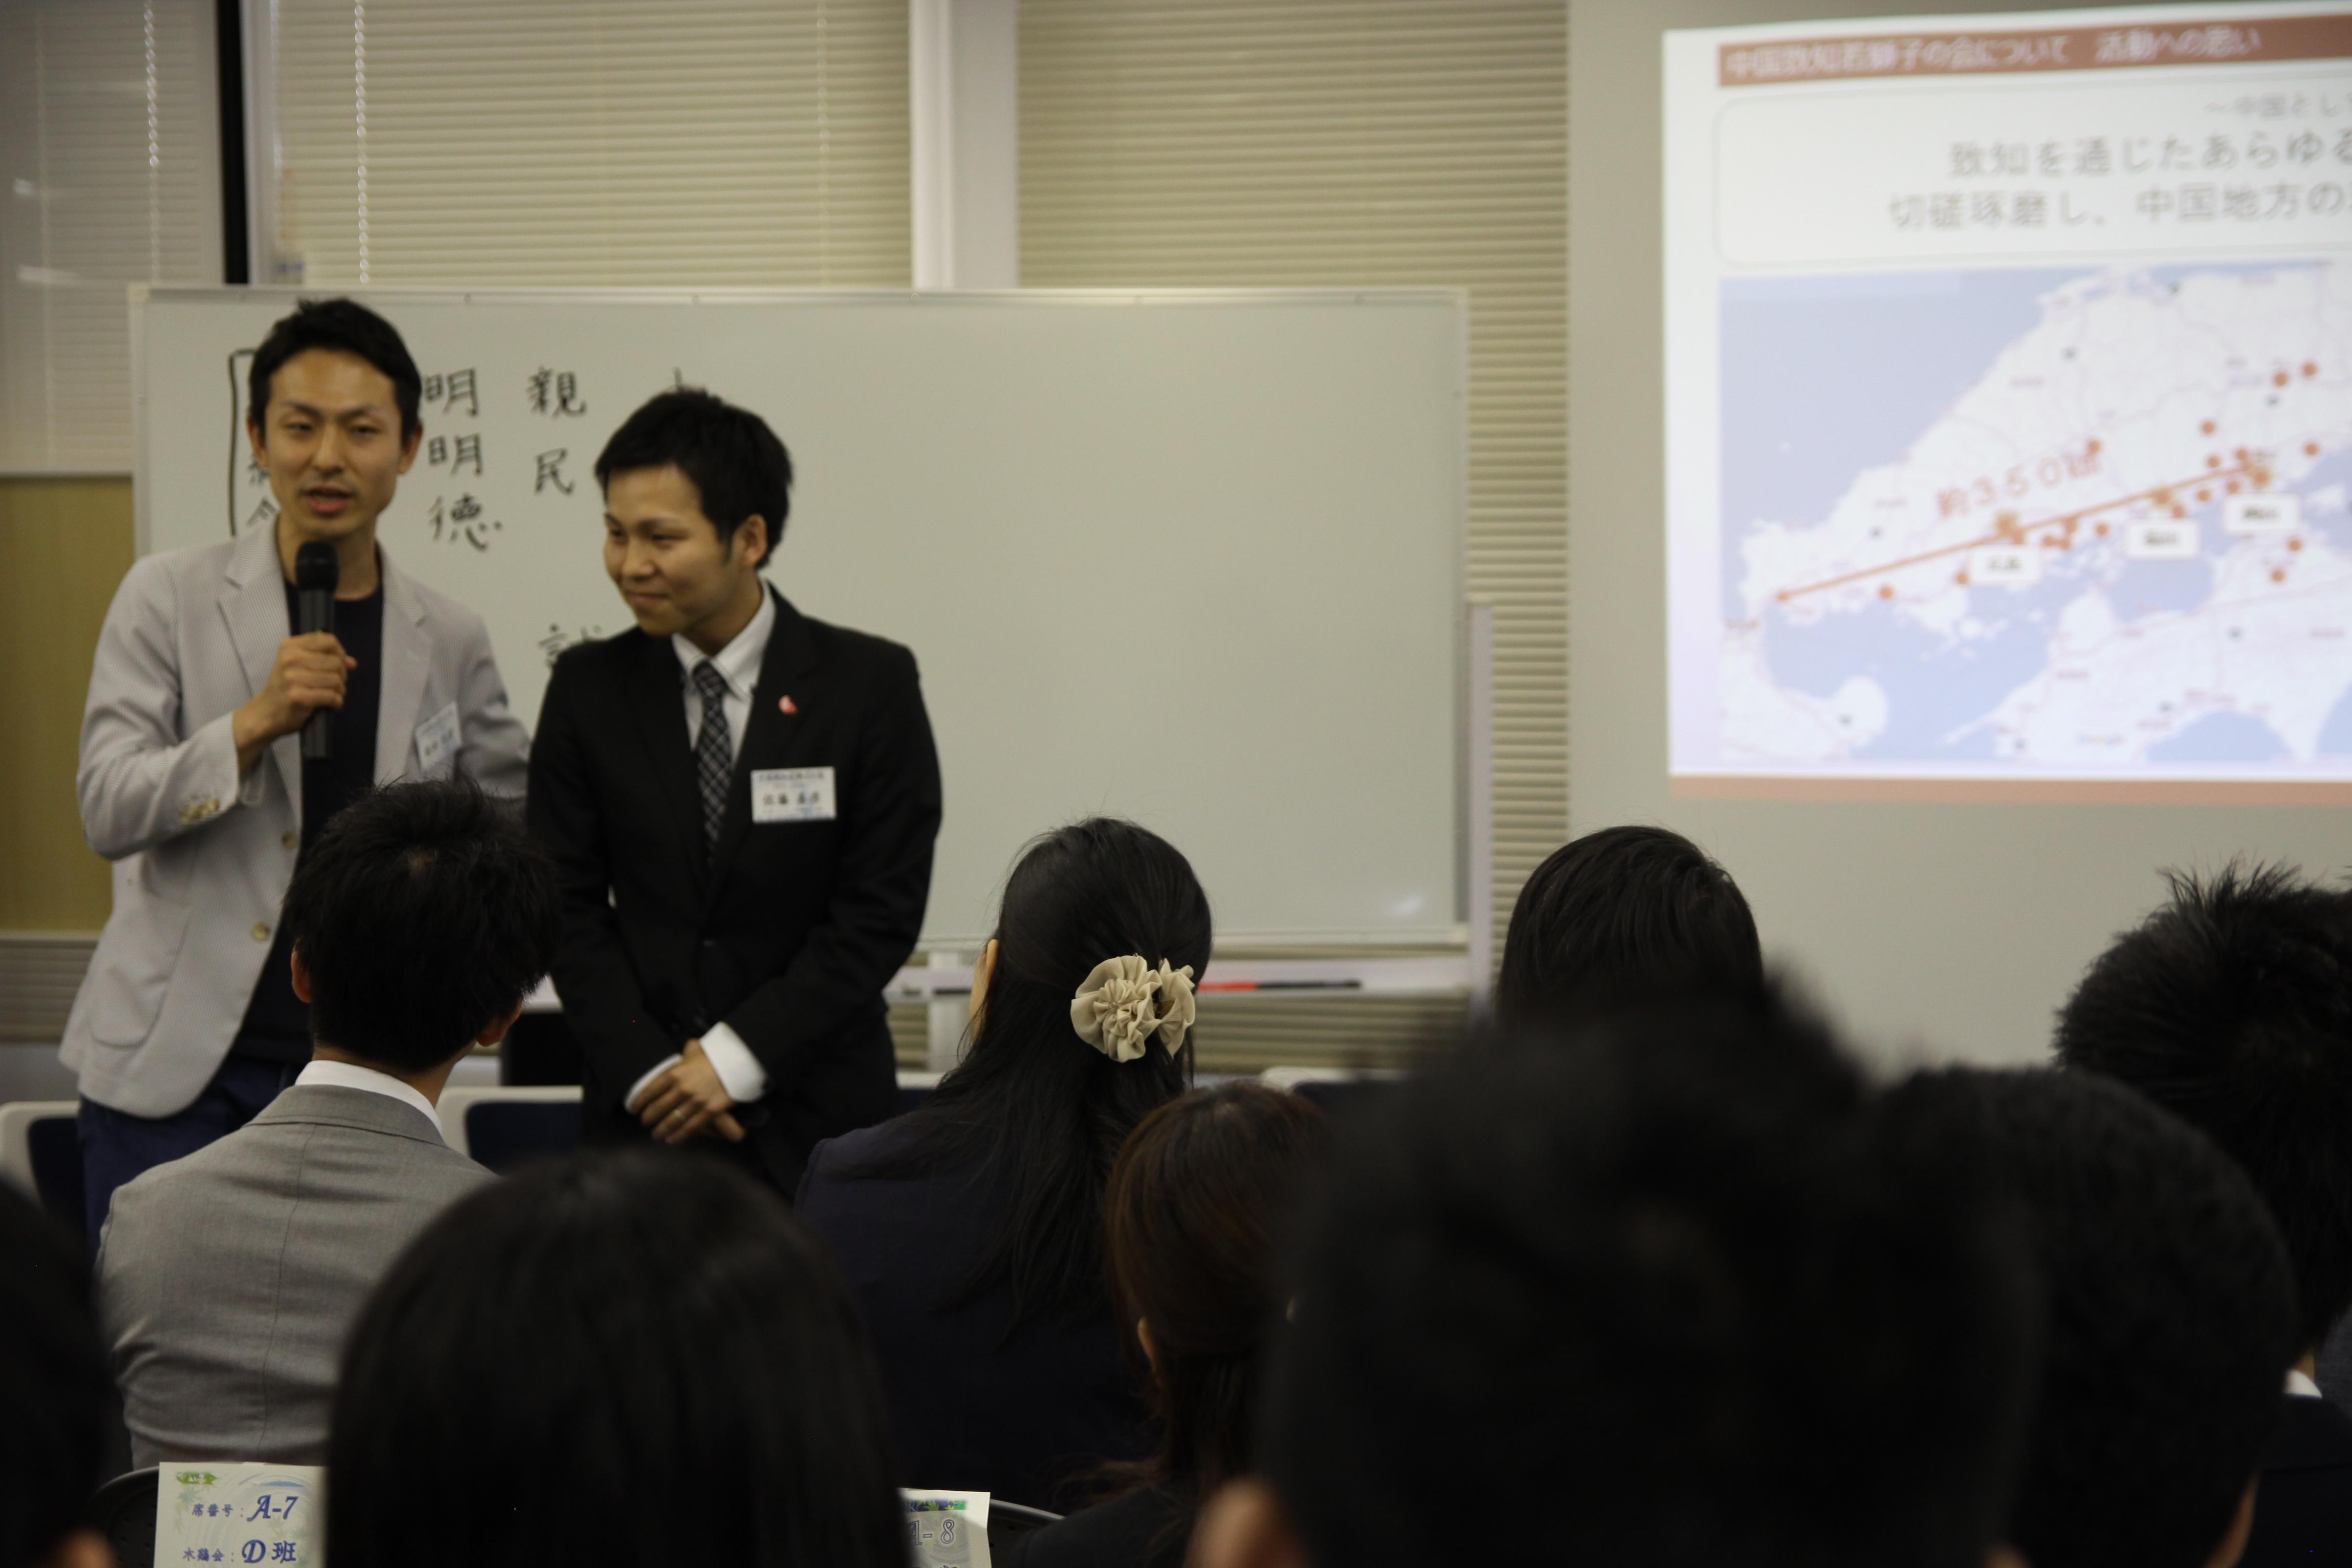 IMG 4684 - 関東若獅子の会、記念すべき第100回